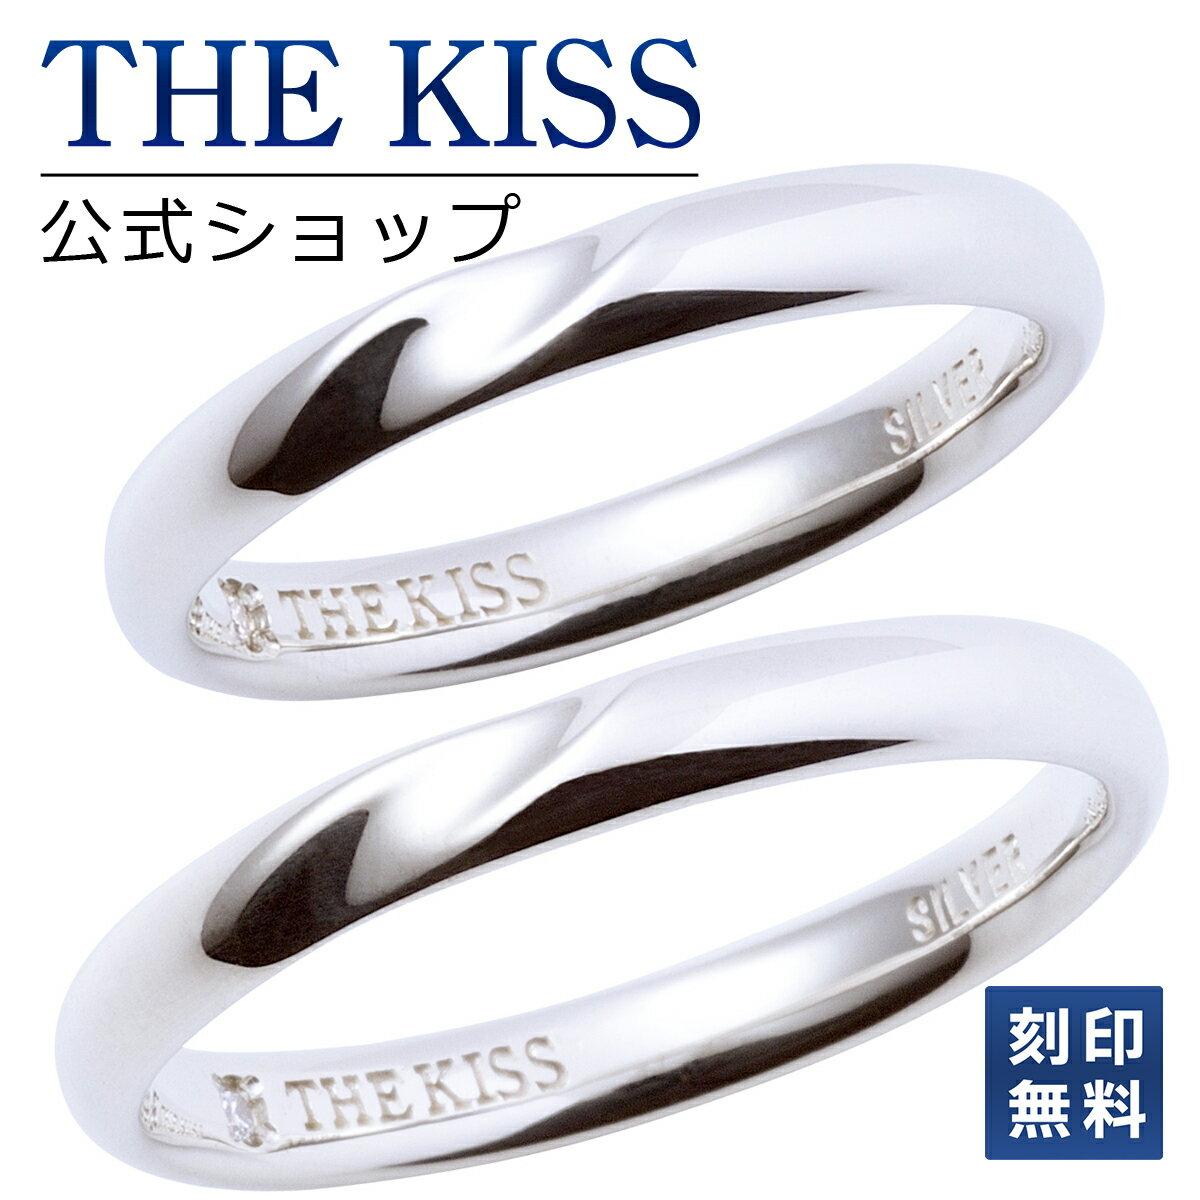 【あす楽対応】THE KISS 公式サイト シルバー ペアリング ダイヤモンド ペアアクセサリー カップル に 人気 の ジュエリーブランド THEKISS ペア リング・指輪 記念日 プレゼント SR1543DM-P セット シンプル ザキス 【送料無料】